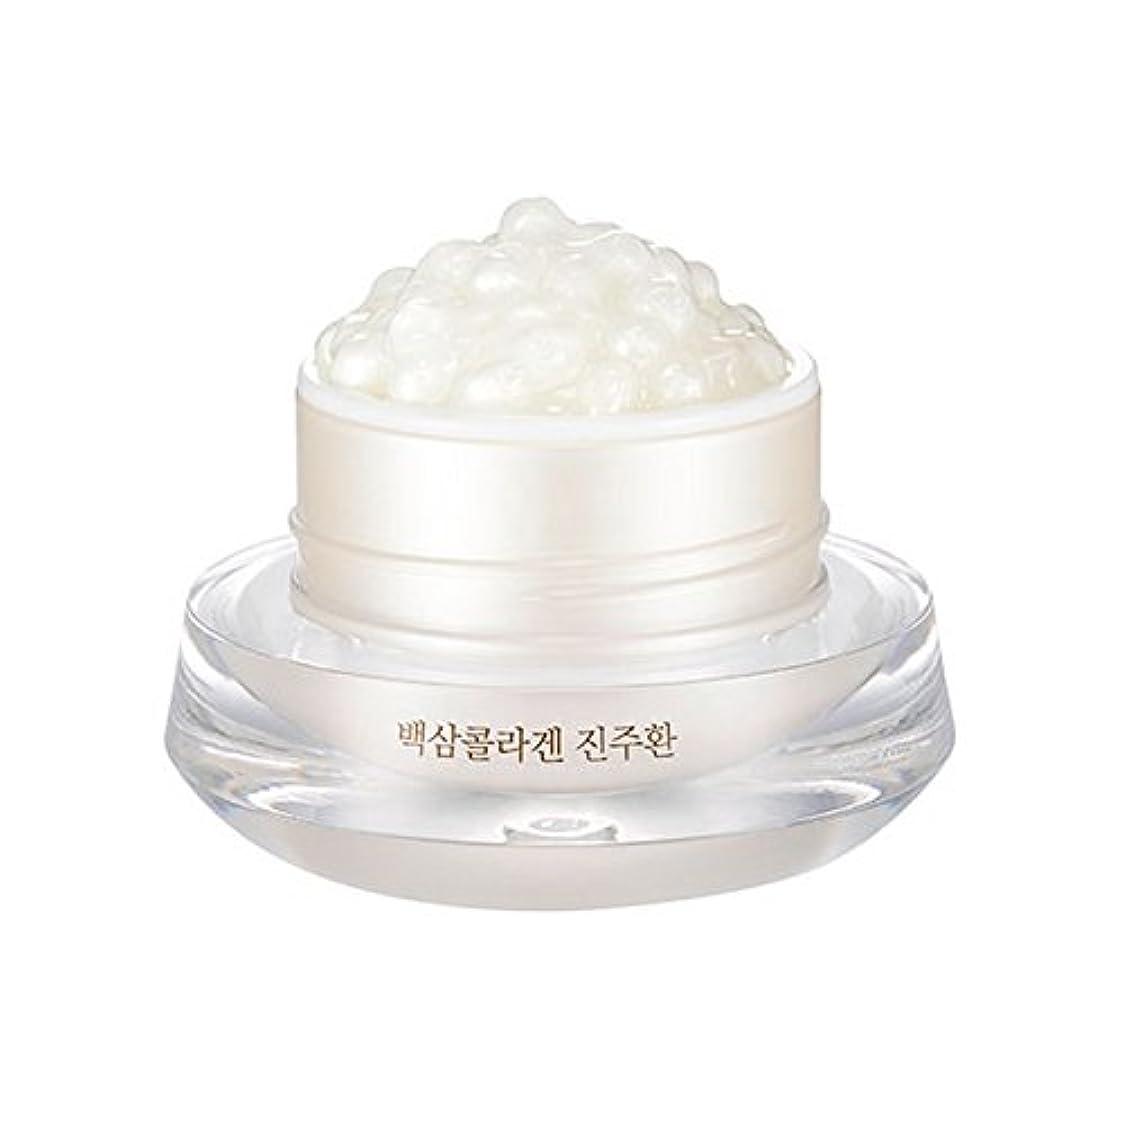 夏ストライド正確[ザ?フェイスショップ] The Face Shop 白参 コラーゲン パール カプセルクリーム White Ginseng Collagen Pearl Capsule Cream [並行輸入品]